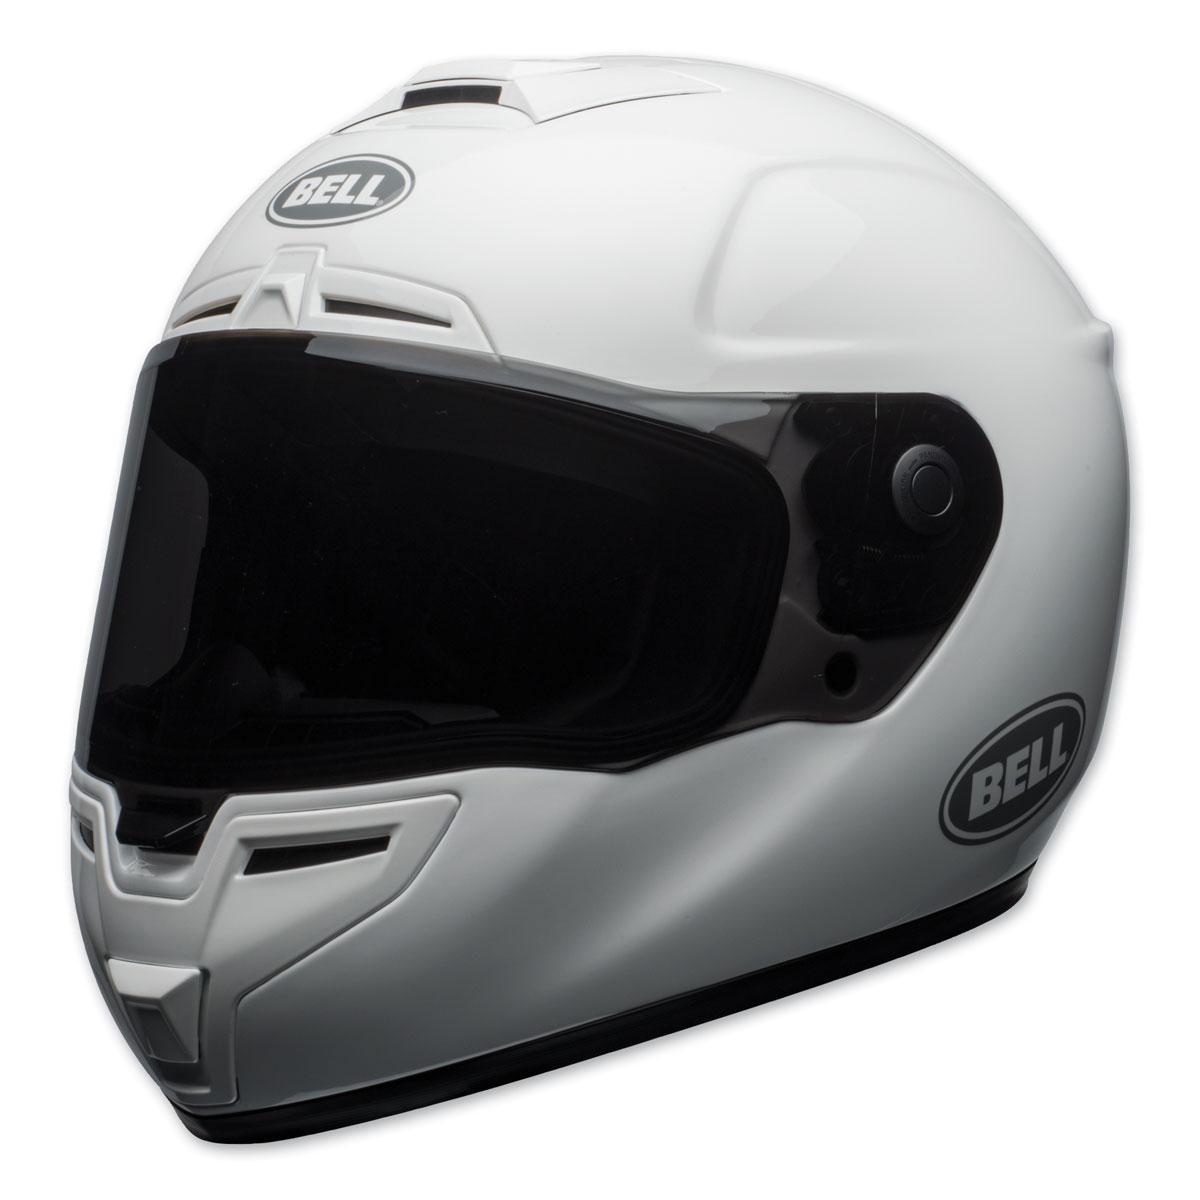 Bell Full Face Helmet >> Bell Srt Gloss White Full Face Helmet 7092364 Jpcycles Com